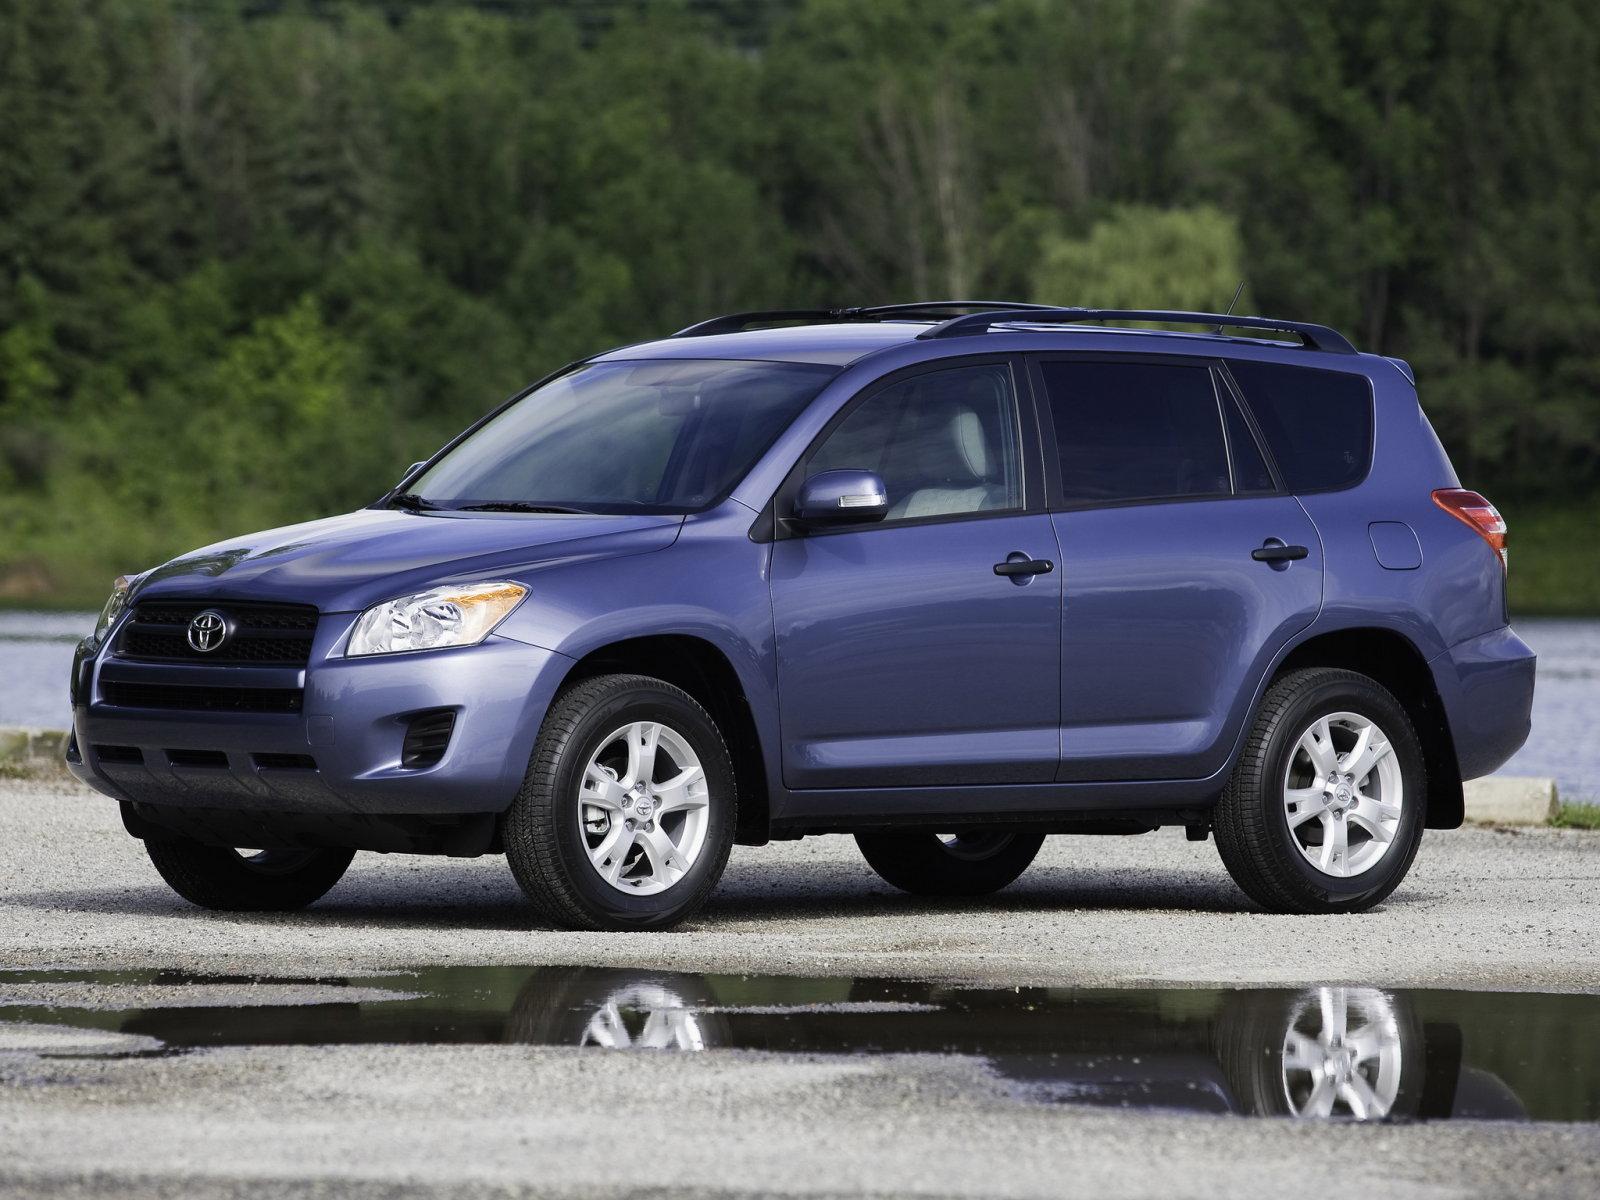 Toyota Rav >> Toyota (Тойота) RAV-4 2009-2010 г. технические характеристики